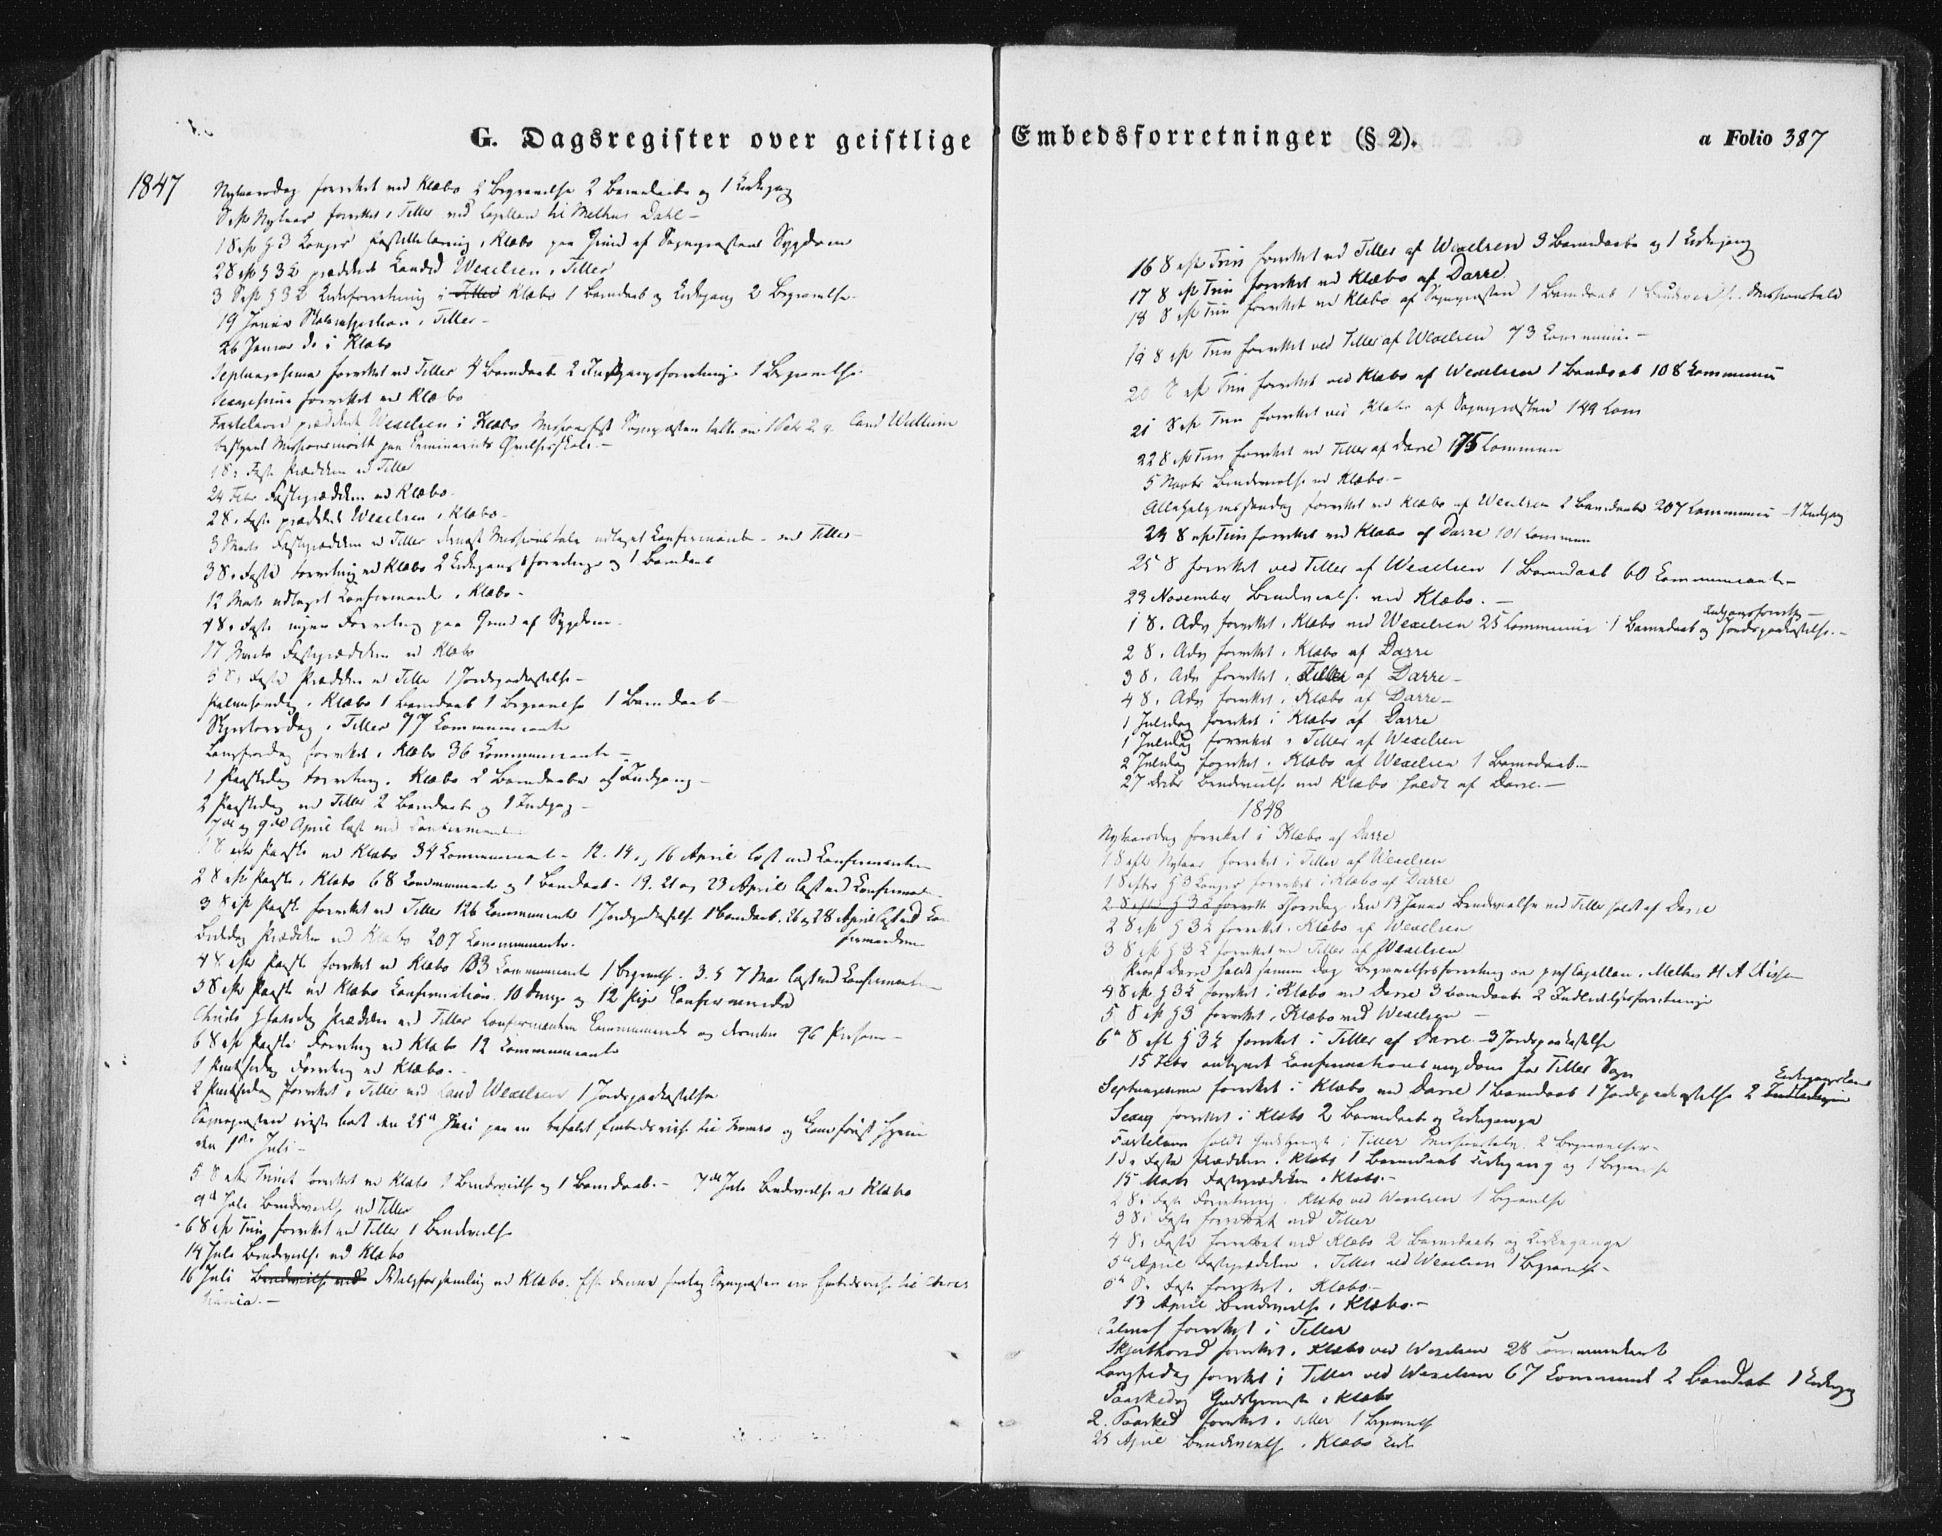 SAT, Ministerialprotokoller, klokkerbøker og fødselsregistre - Sør-Trøndelag, 618/L0441: Ministerialbok nr. 618A05, 1843-1862, s. 387